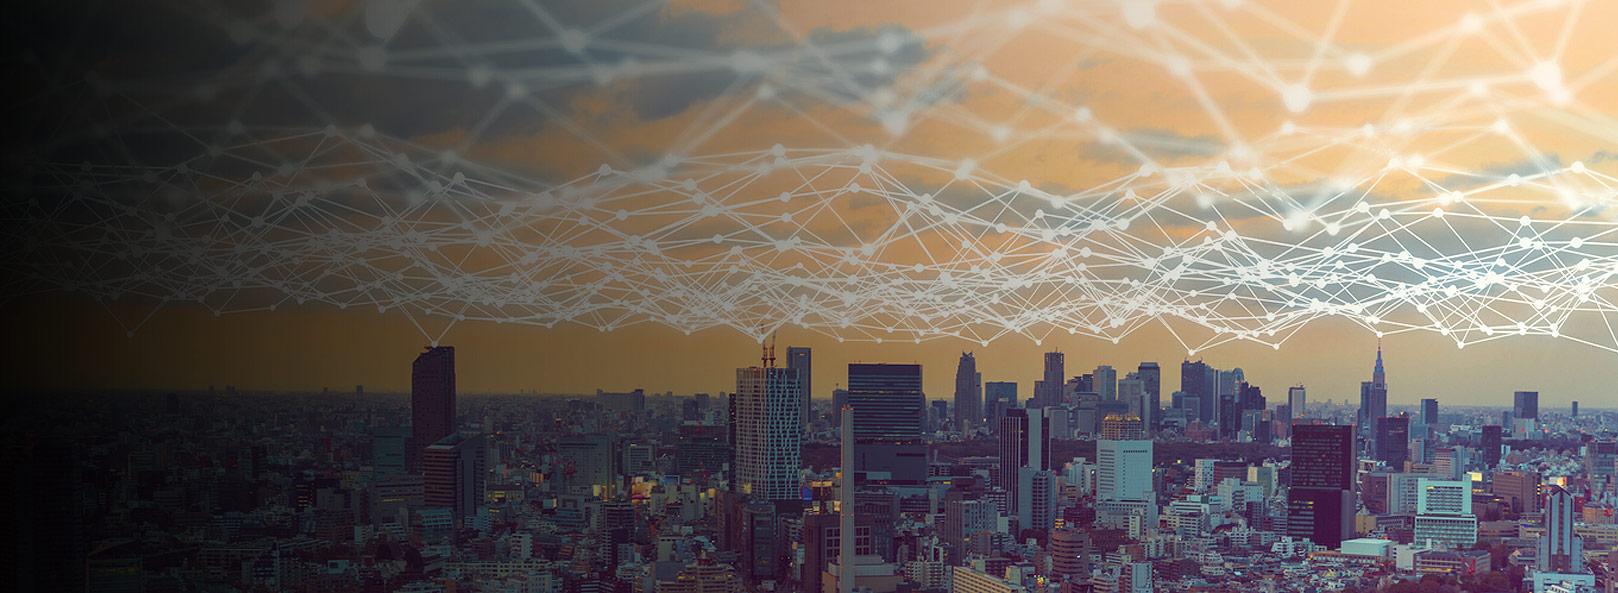 bild-hablemos-de-futuro-ciberseguridad-interior